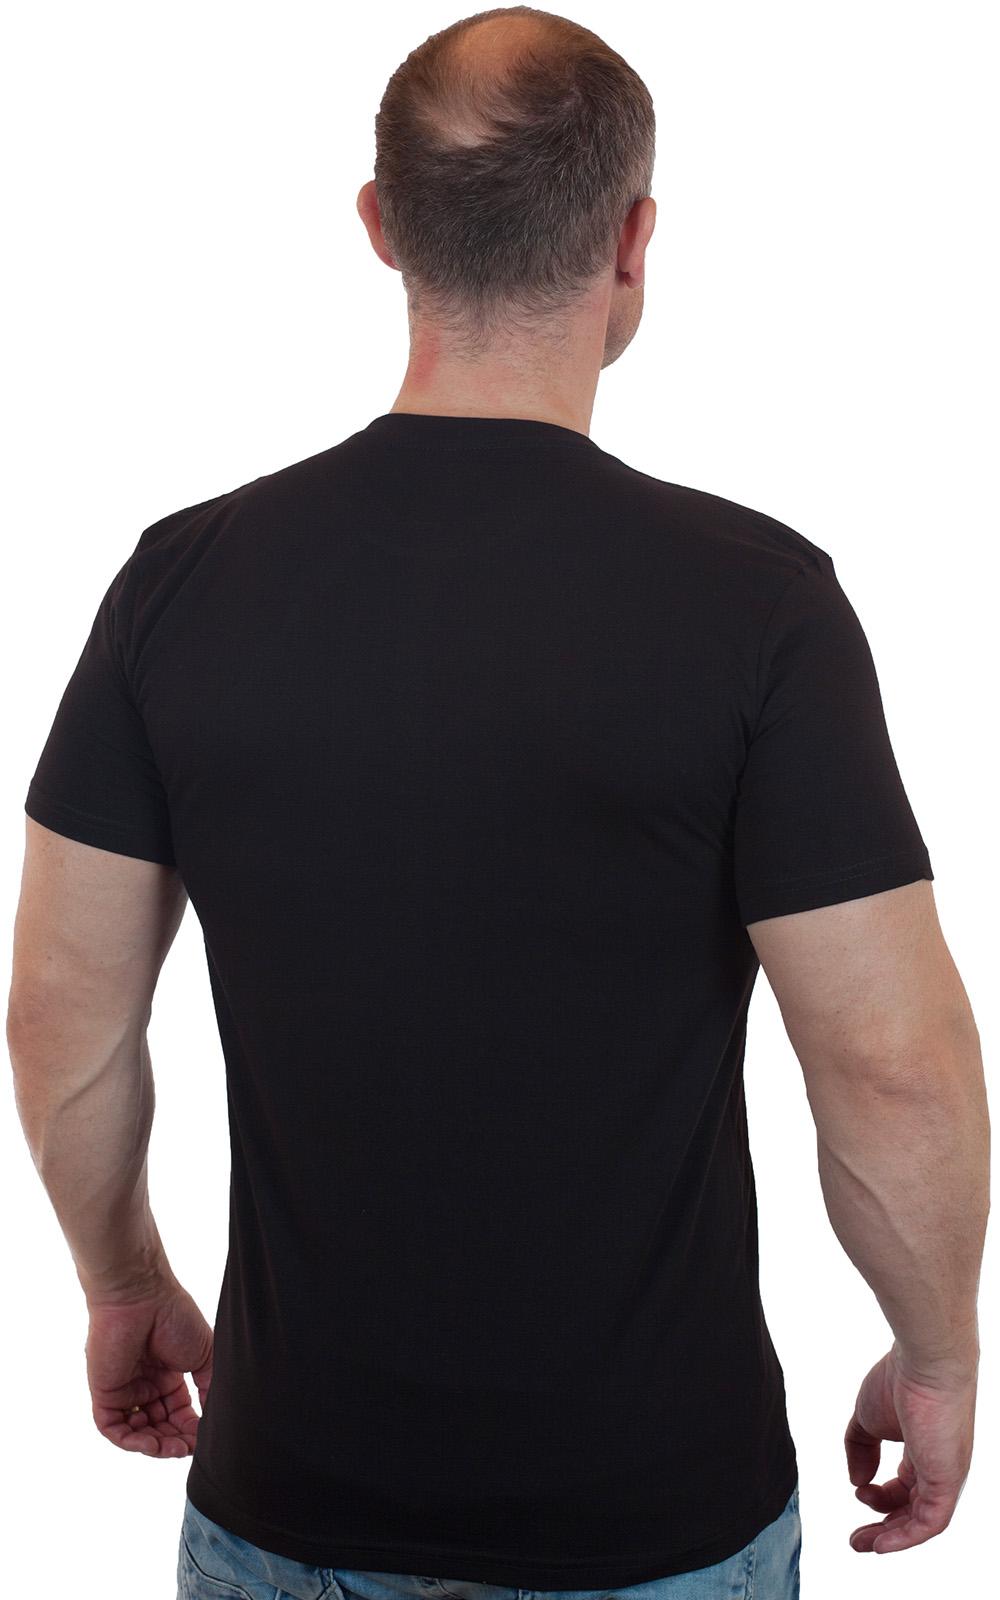 Строгая мужская футболка с вышитым шевроном Сибирский округ МВД - купить онлайн